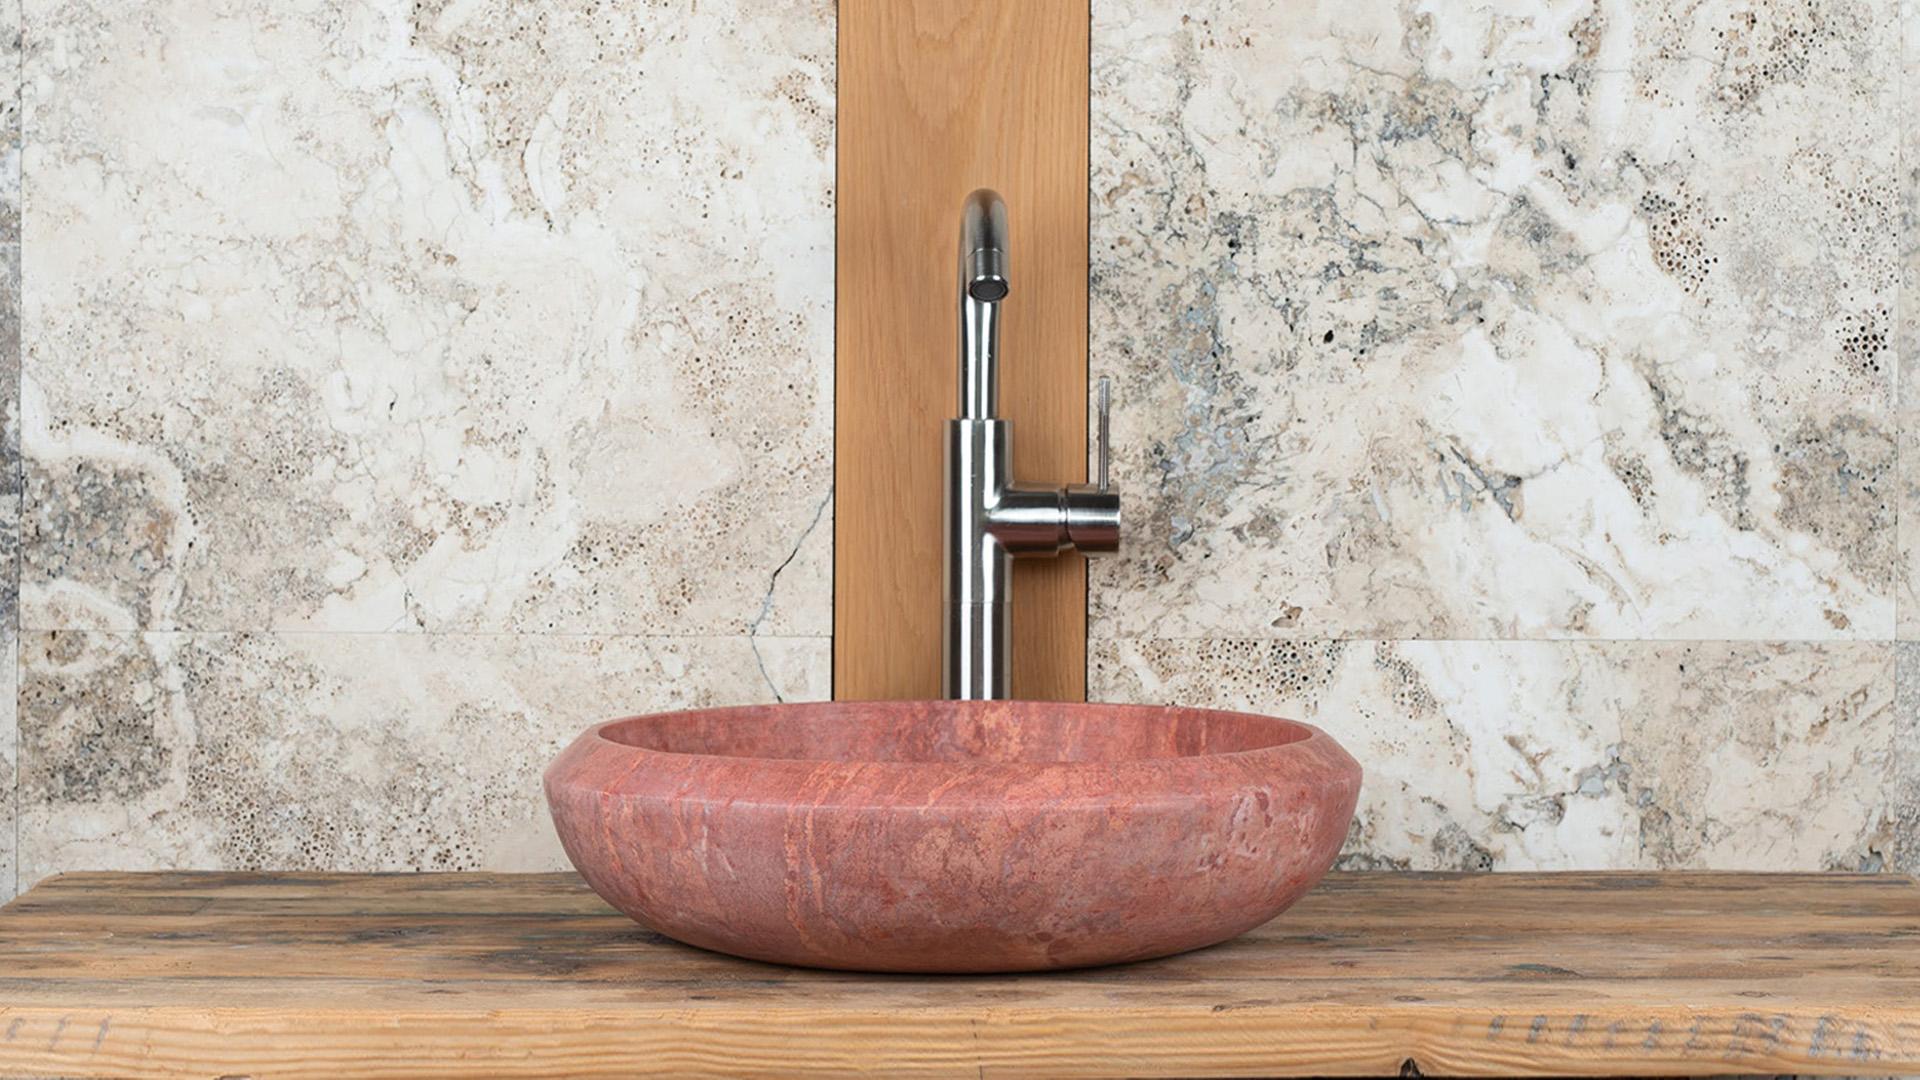 Lavabo piccolo in travertino essential v pietre di - Lavabo piccolo bagno ...